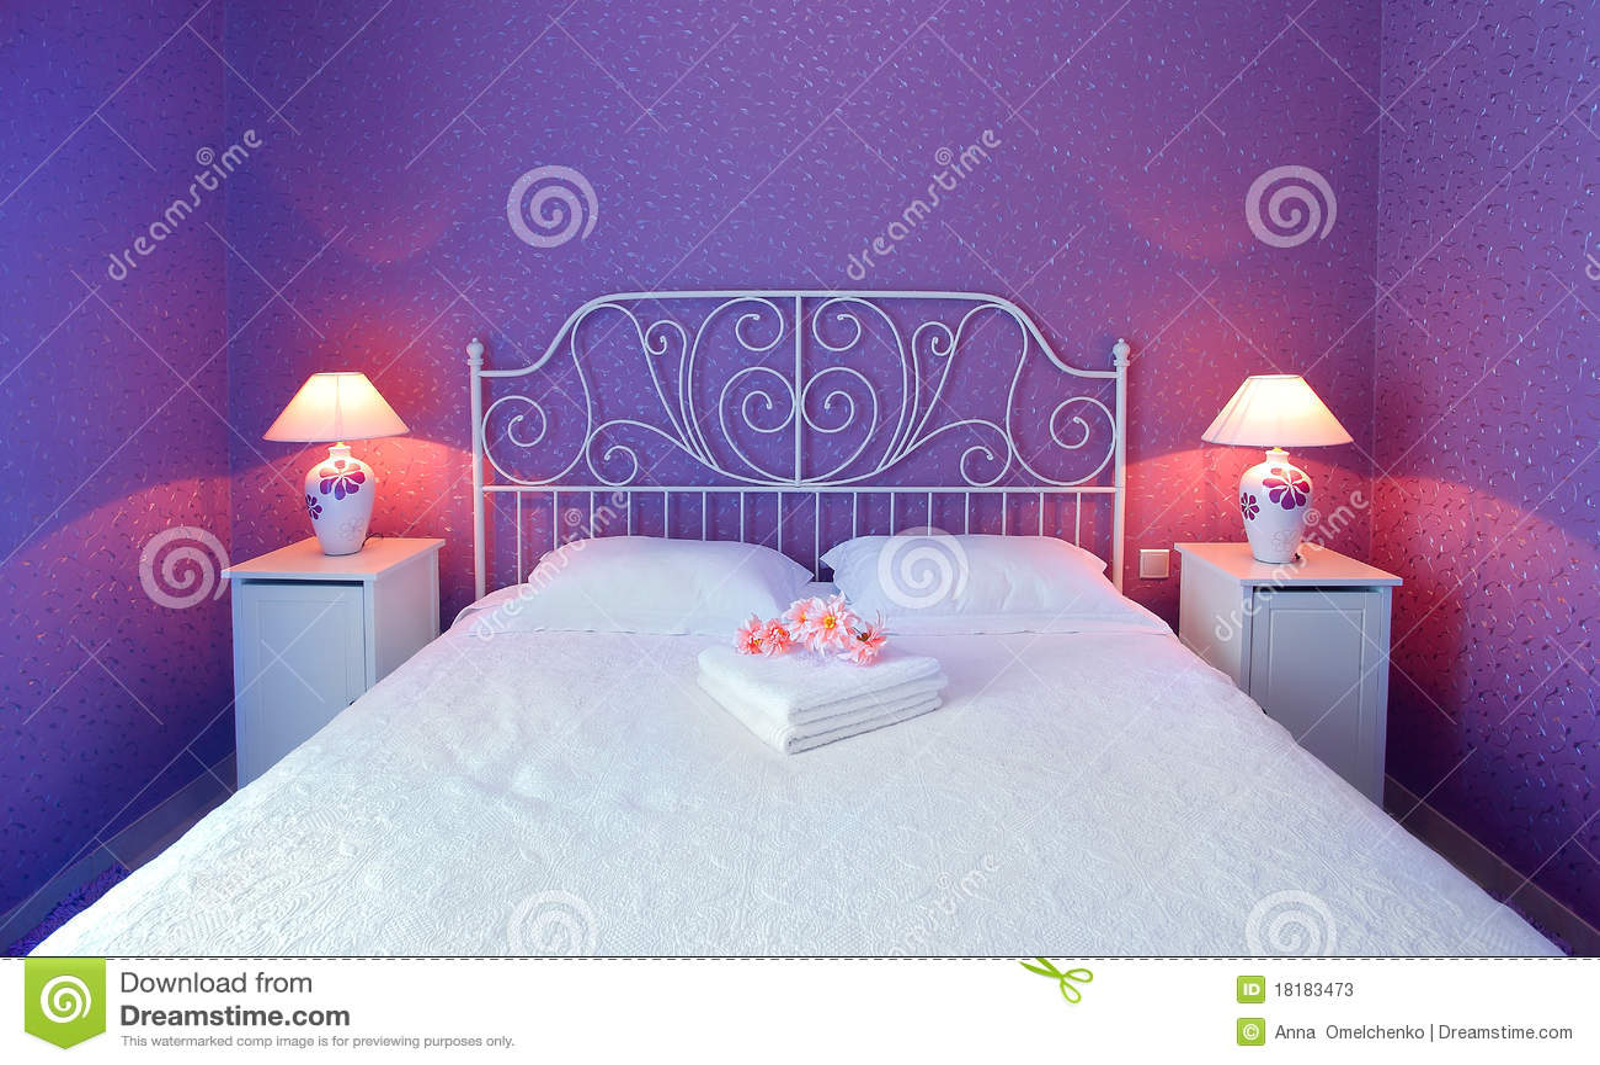 Romantische Slaapkamer Stock Fotos - Afbeelding: 18183473